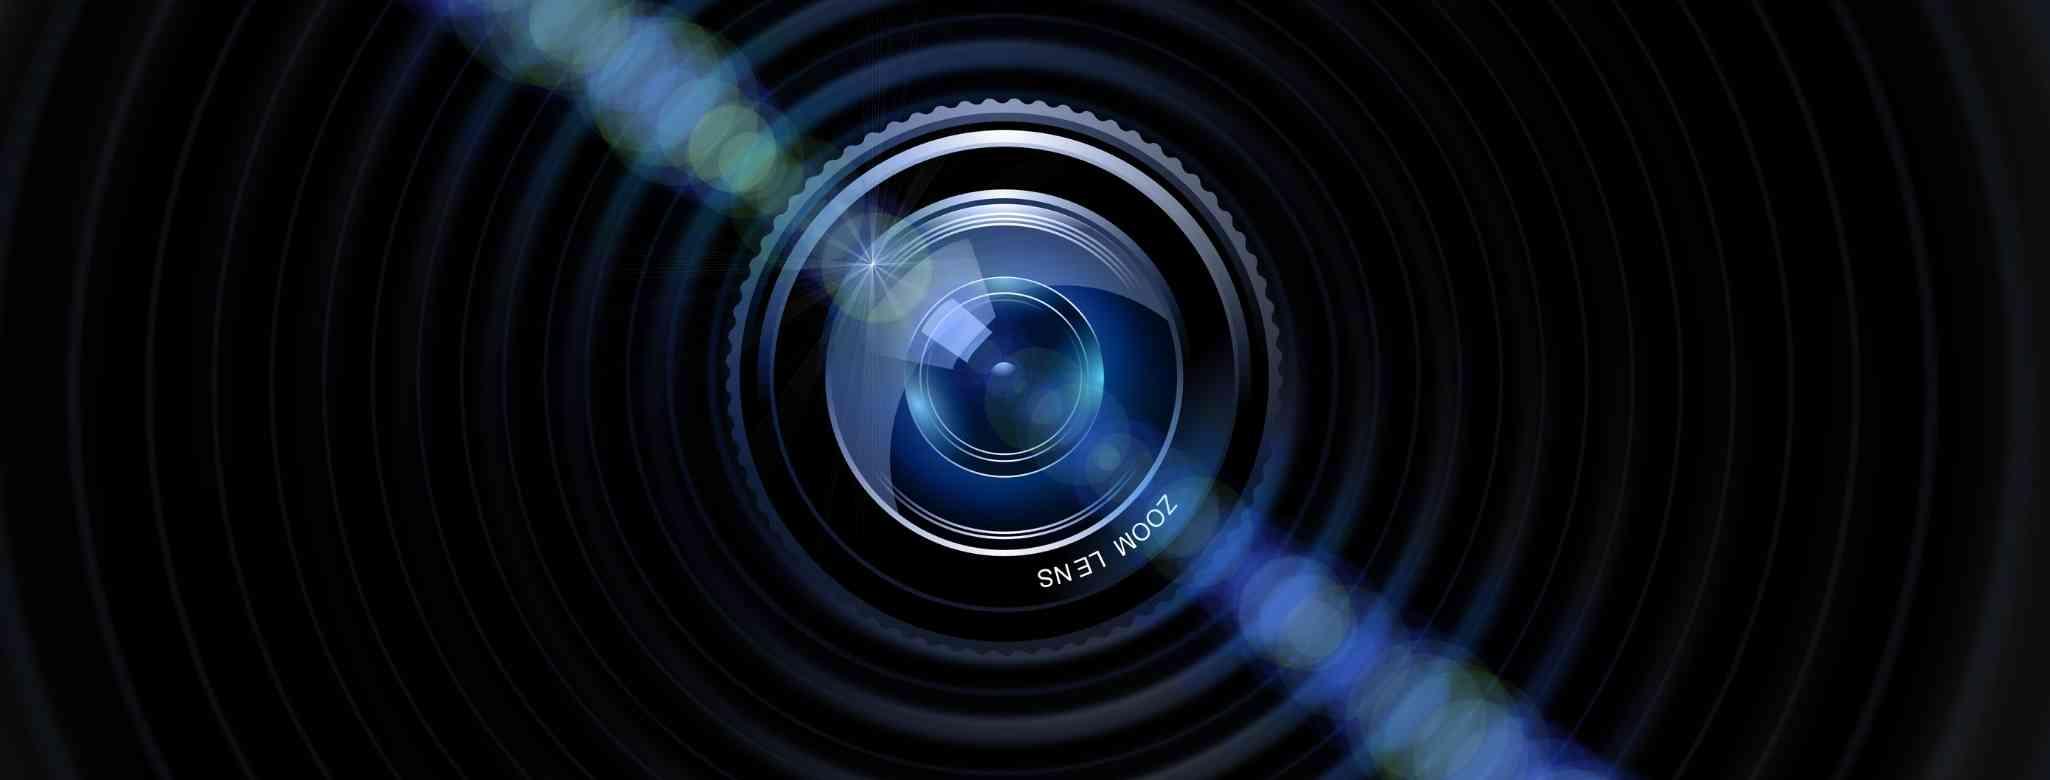 בחירת מצלמת אבטחה לבית